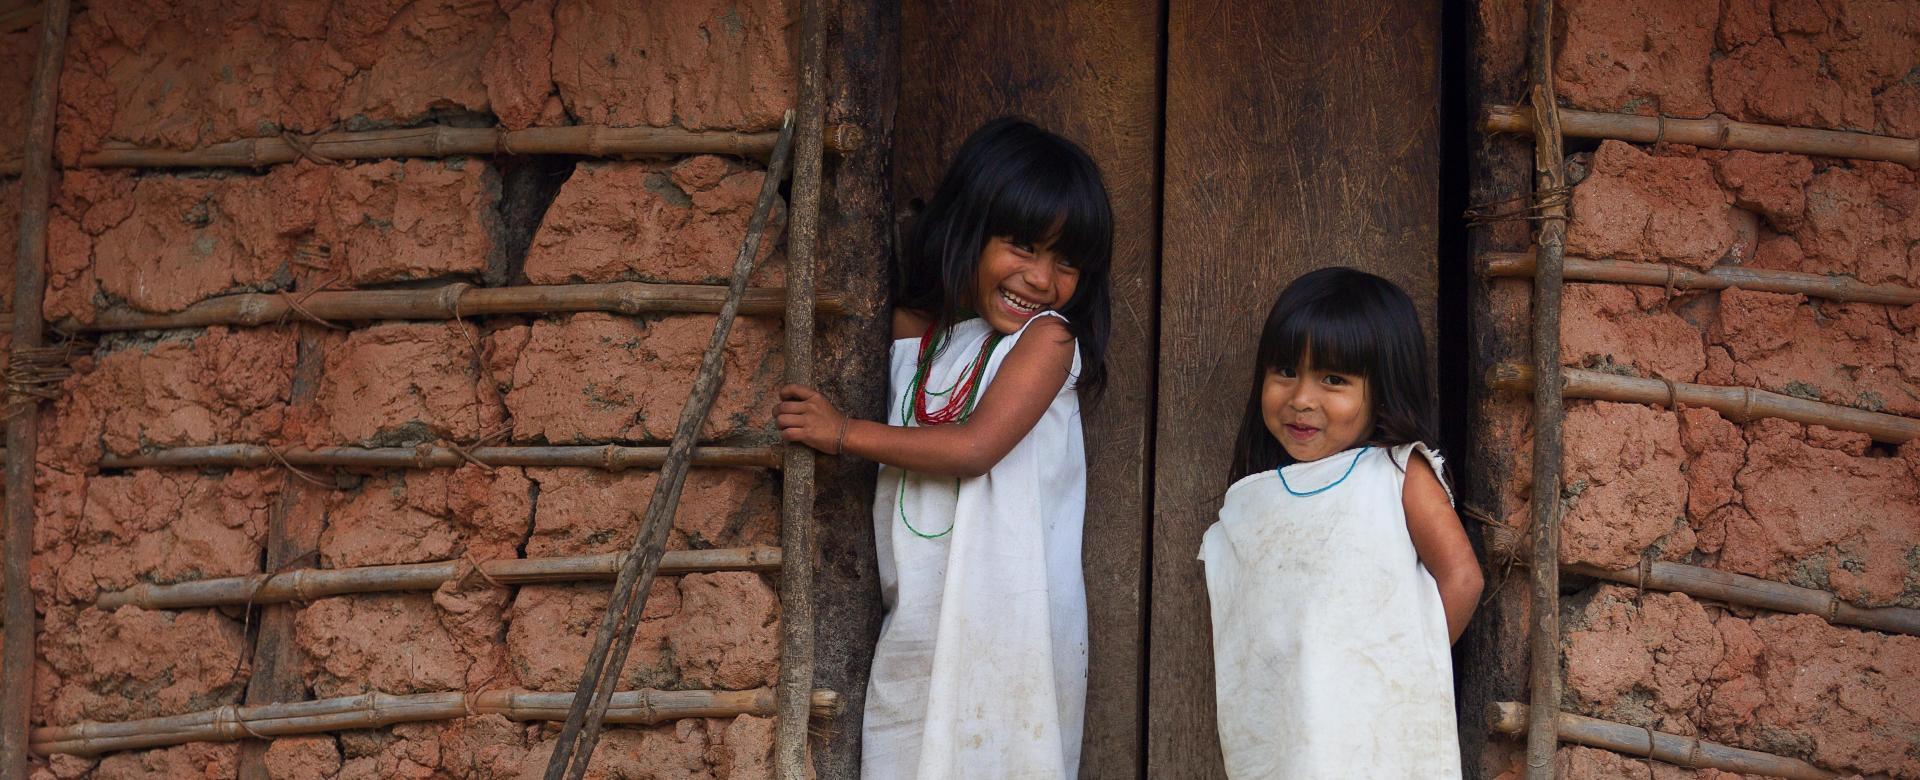 Voyage à pied : Du désert de la guajira à la cité perdue